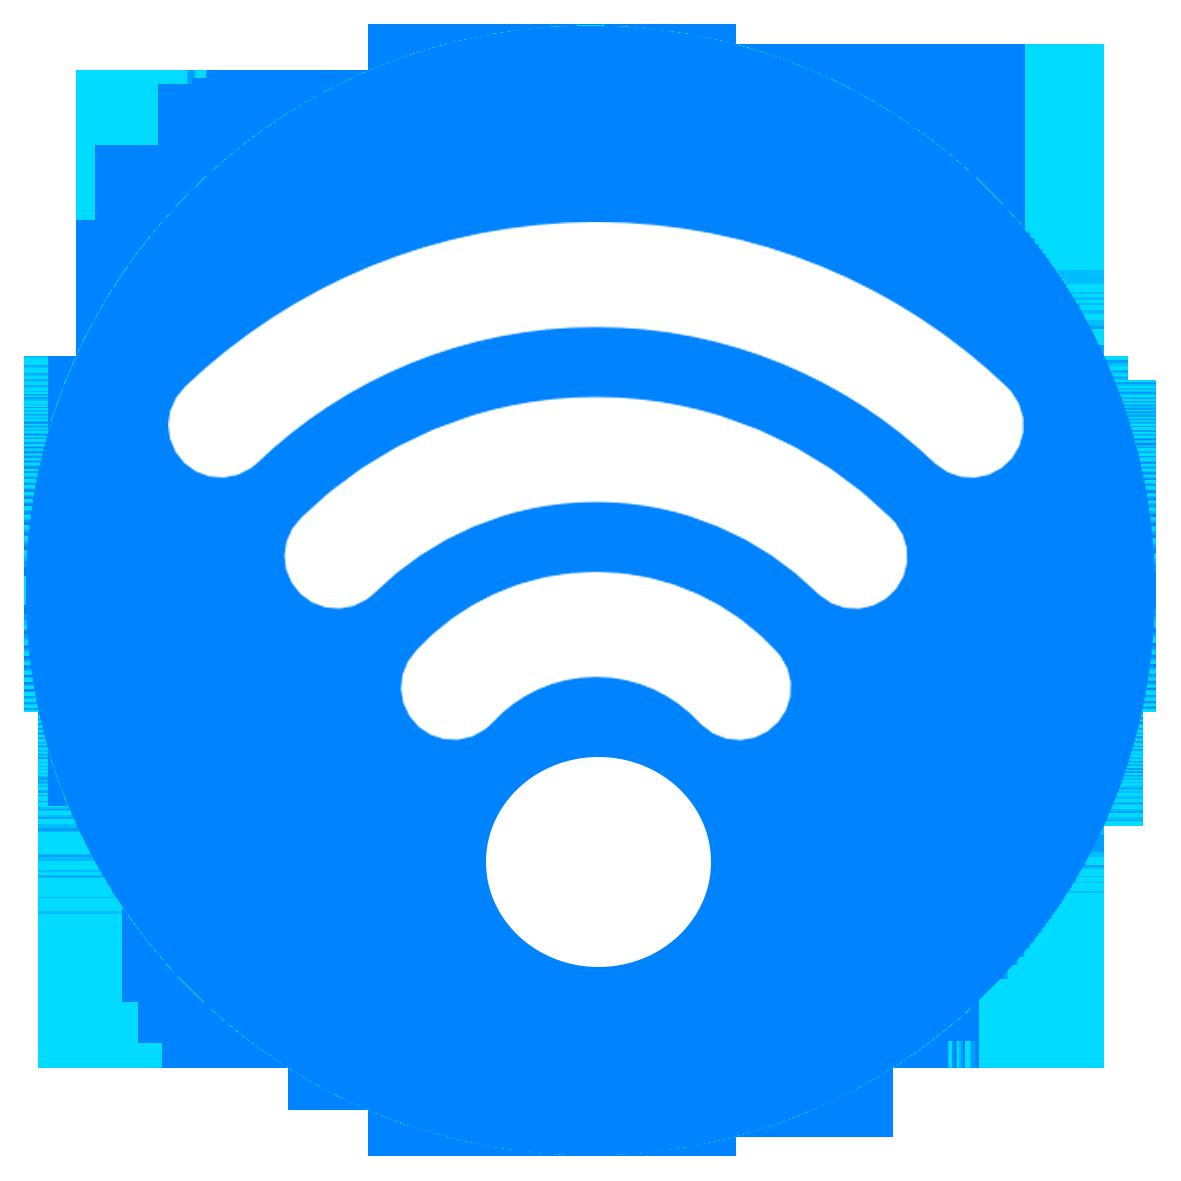 WiFi - Free WiFi access